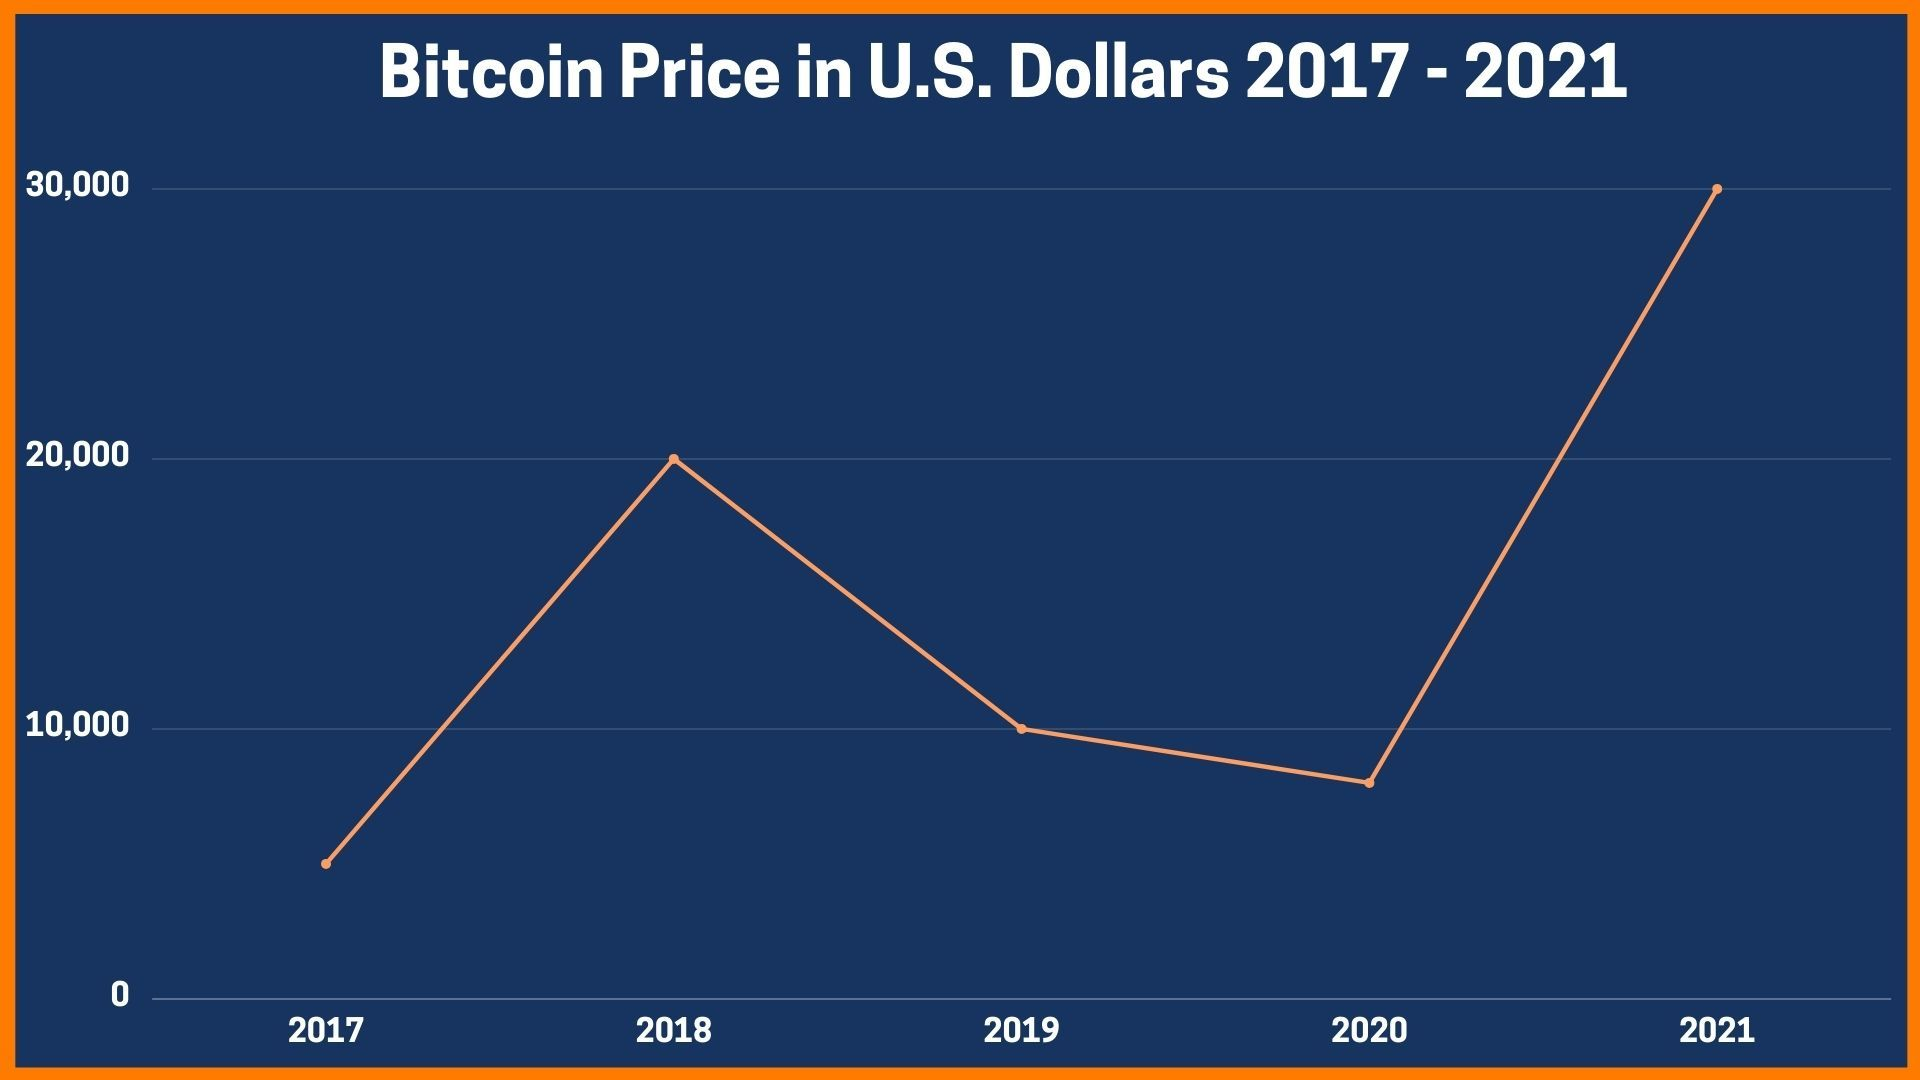 Bitcoin Price in U.S. Dollars 2017- 2021